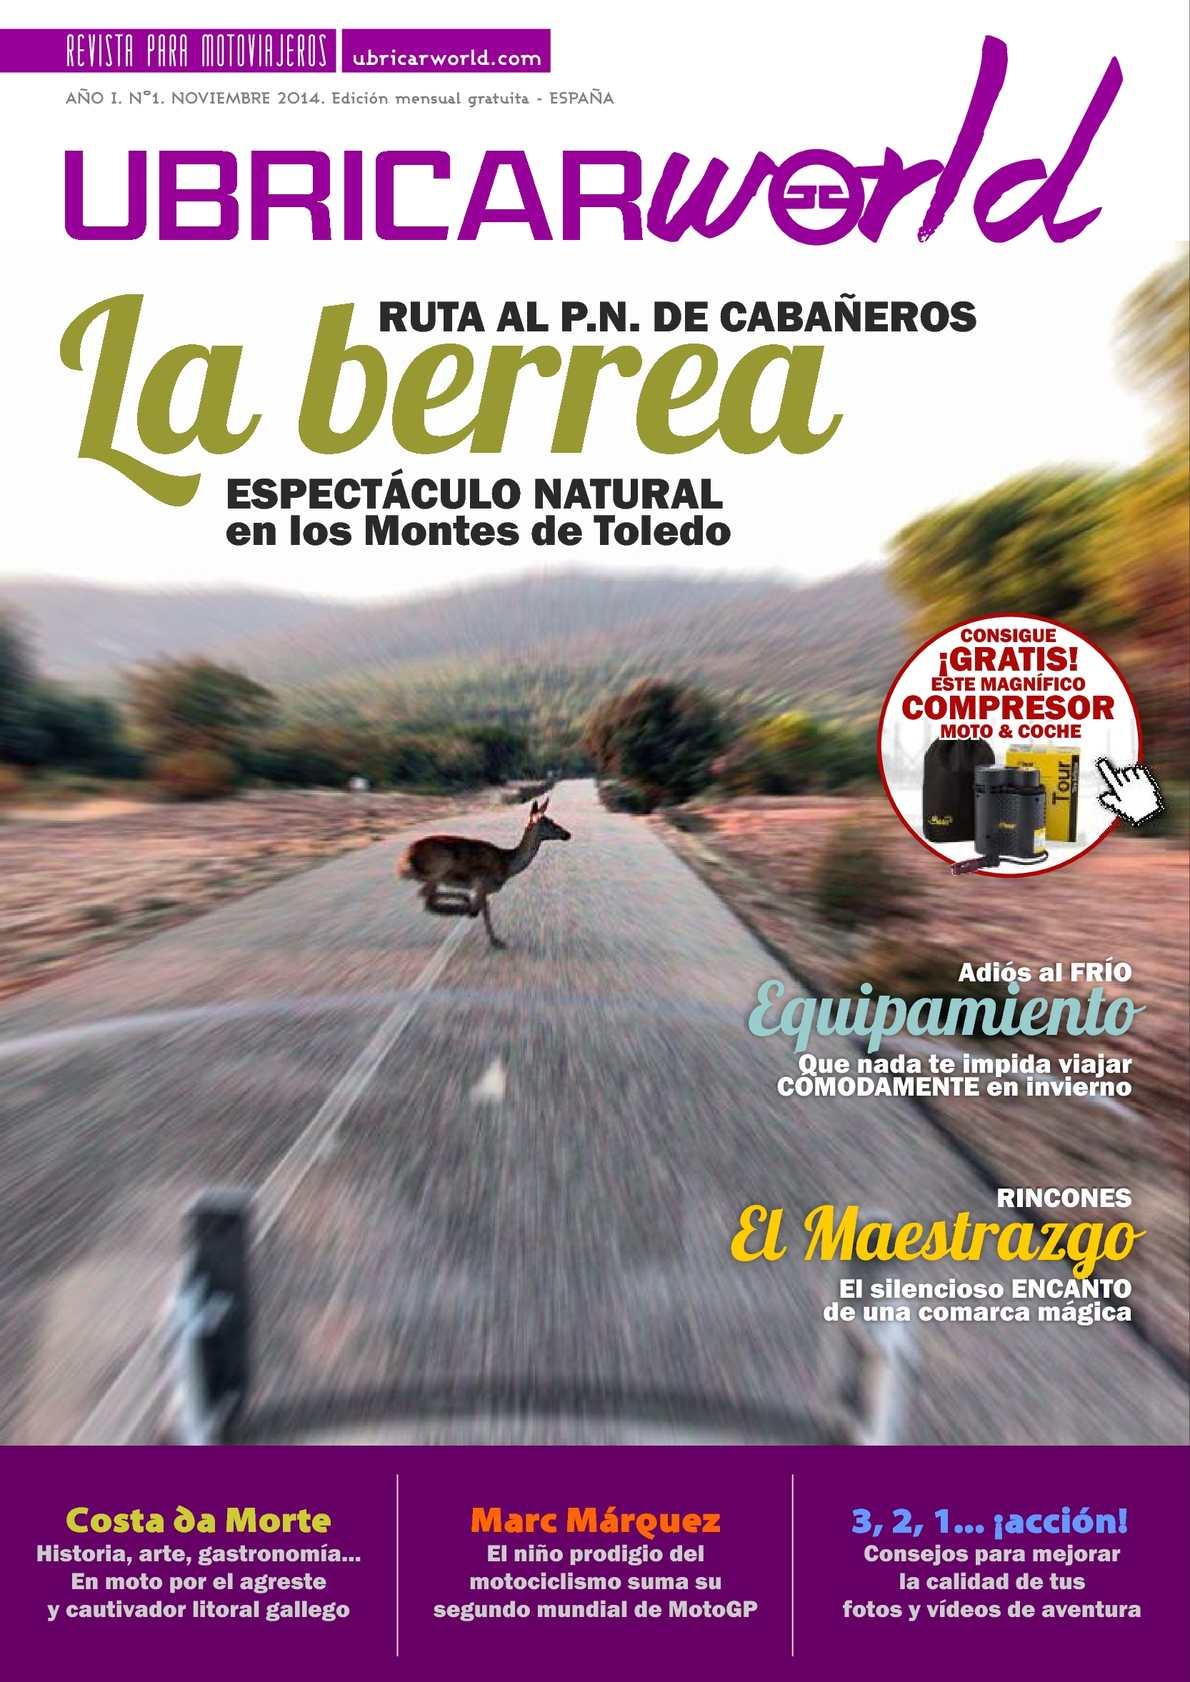 Nº1 REVISTA PARA MOTOVIAJEROS - Noviembre 2014